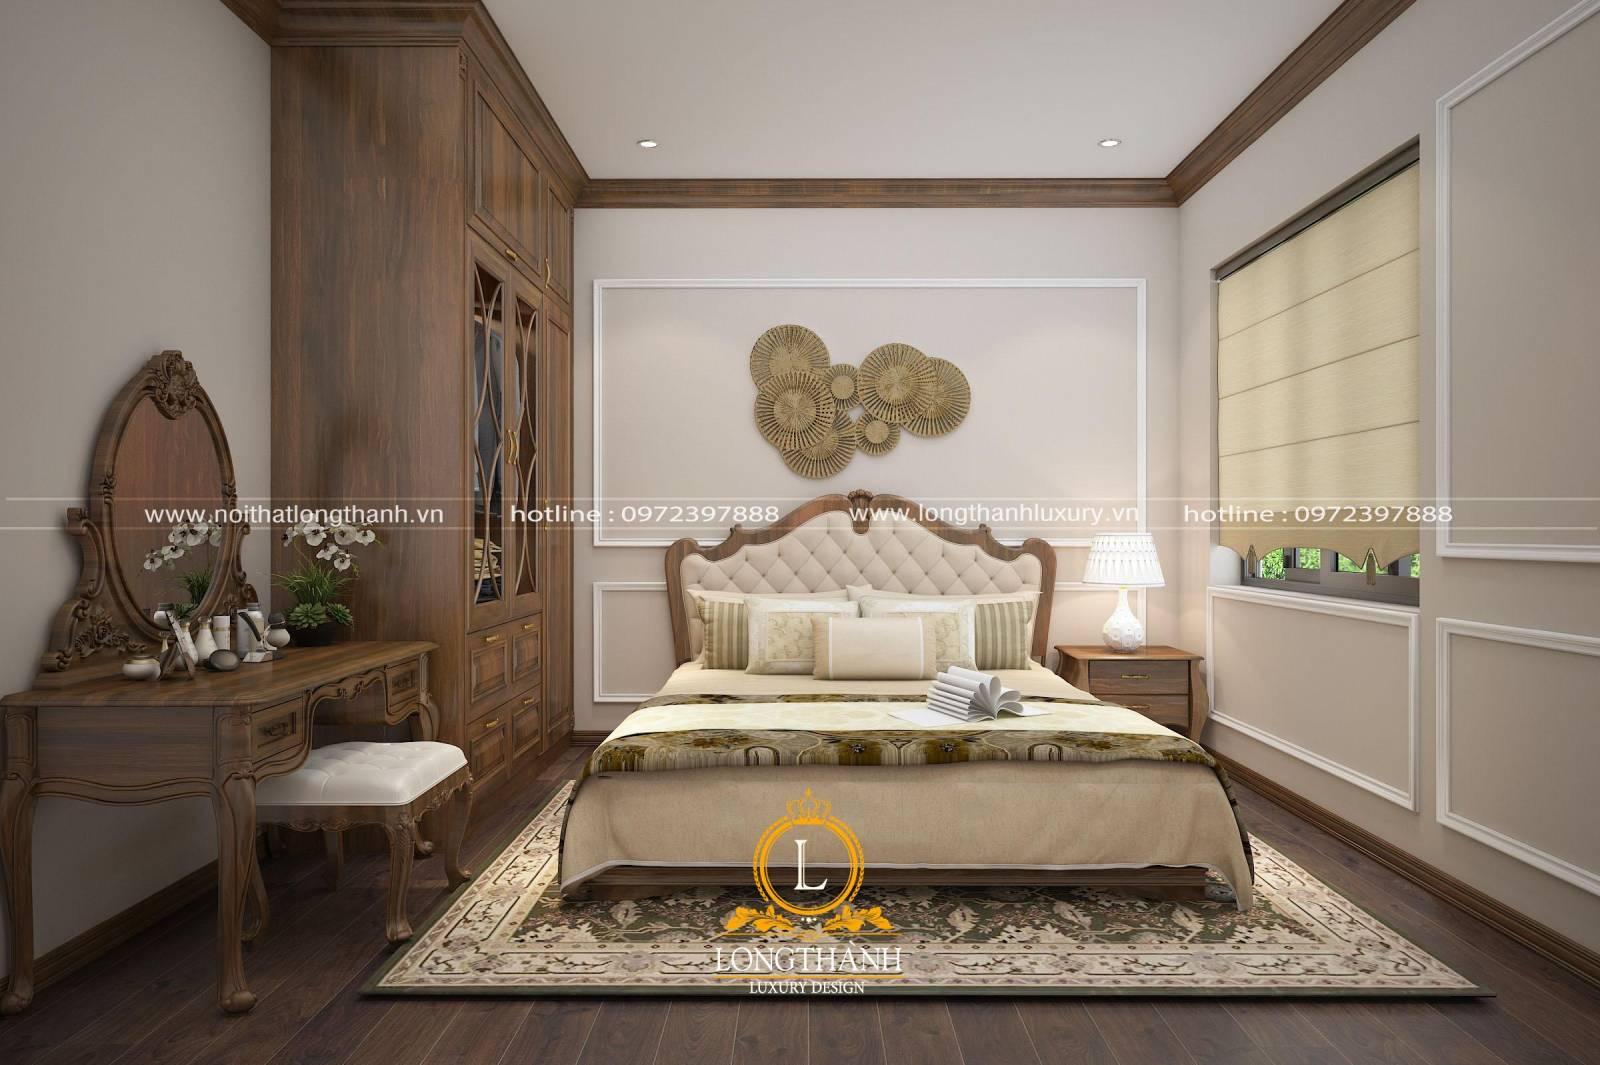 Mẫu thiết kế phòng ngủ  đơn giản tiện lợi dành cho nhà phố hẹp